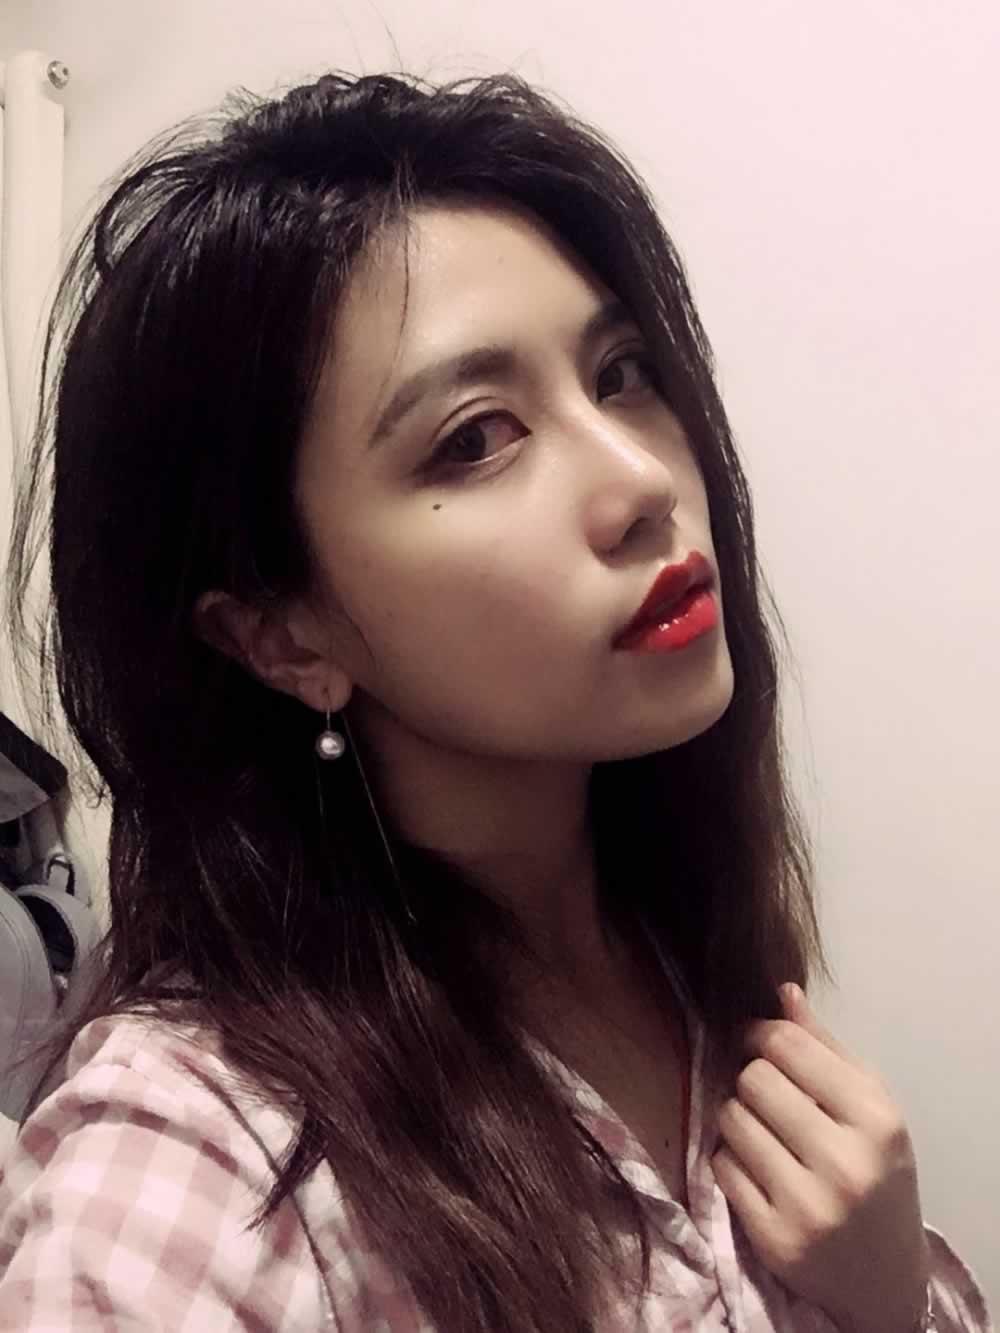 在北京医疗美容医院做完面部脂肪填充是不是直接晋升成小仙女了